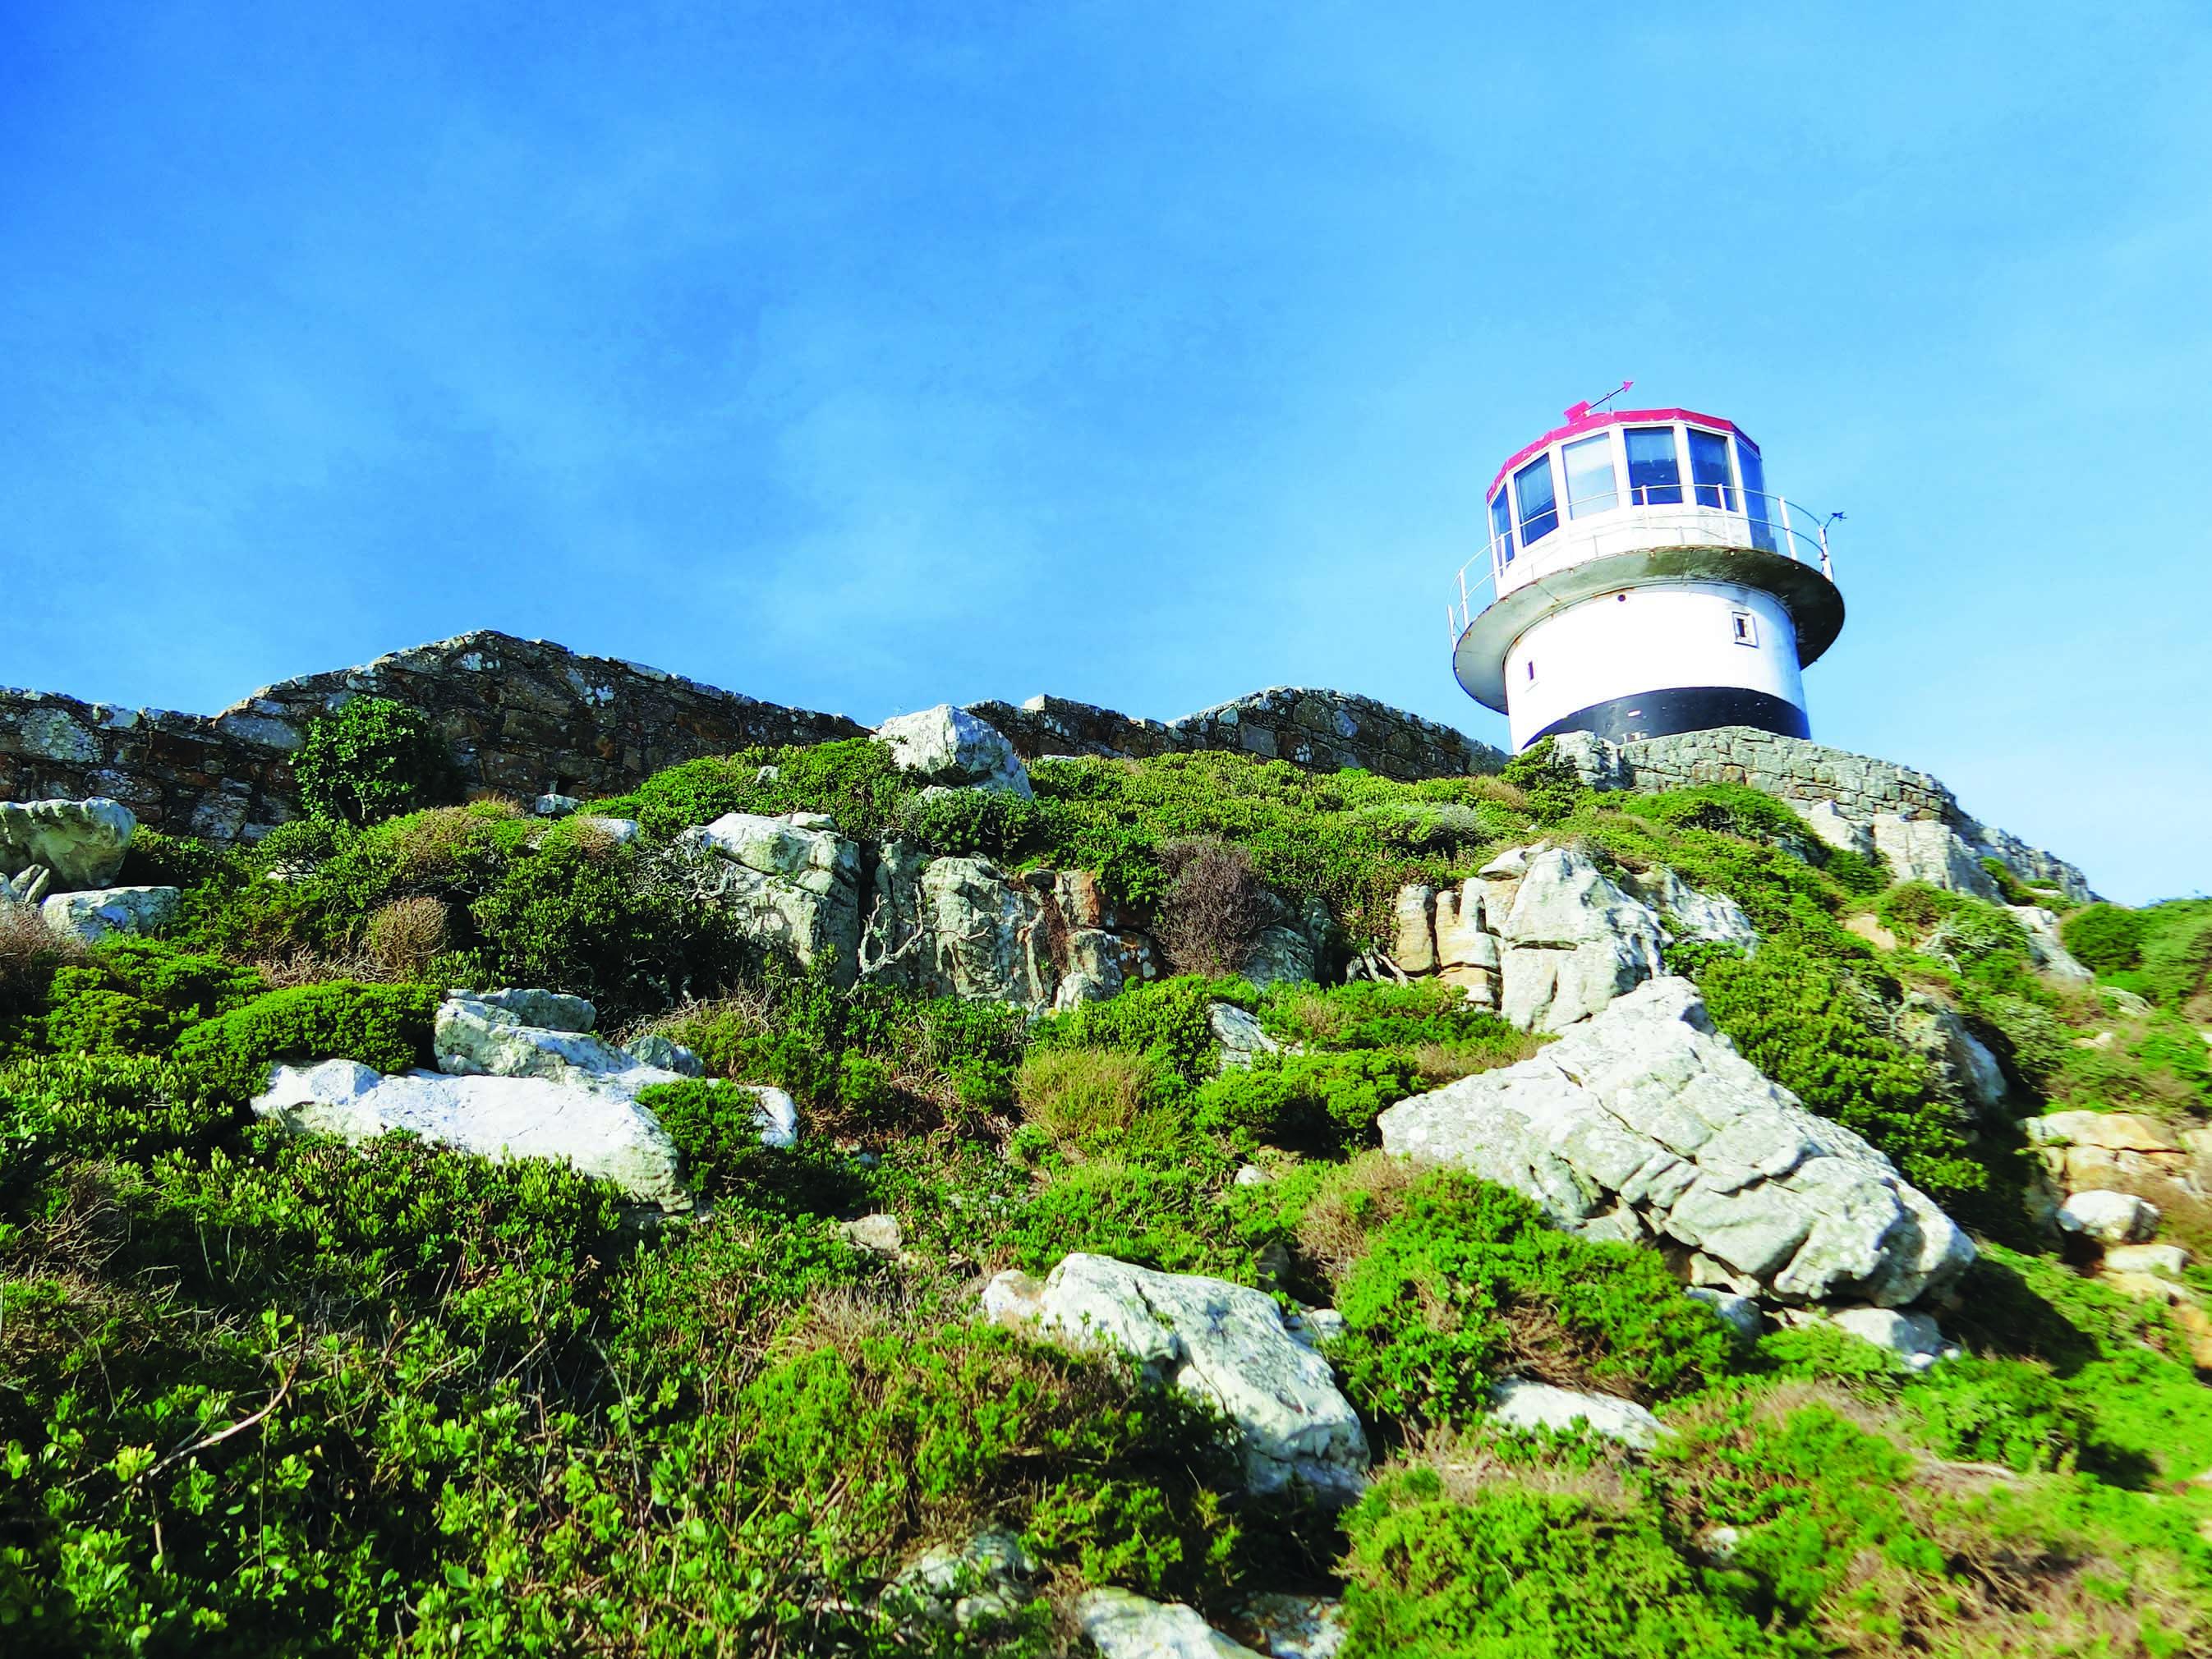 开普角的山顶上矗立着一座灯塔。